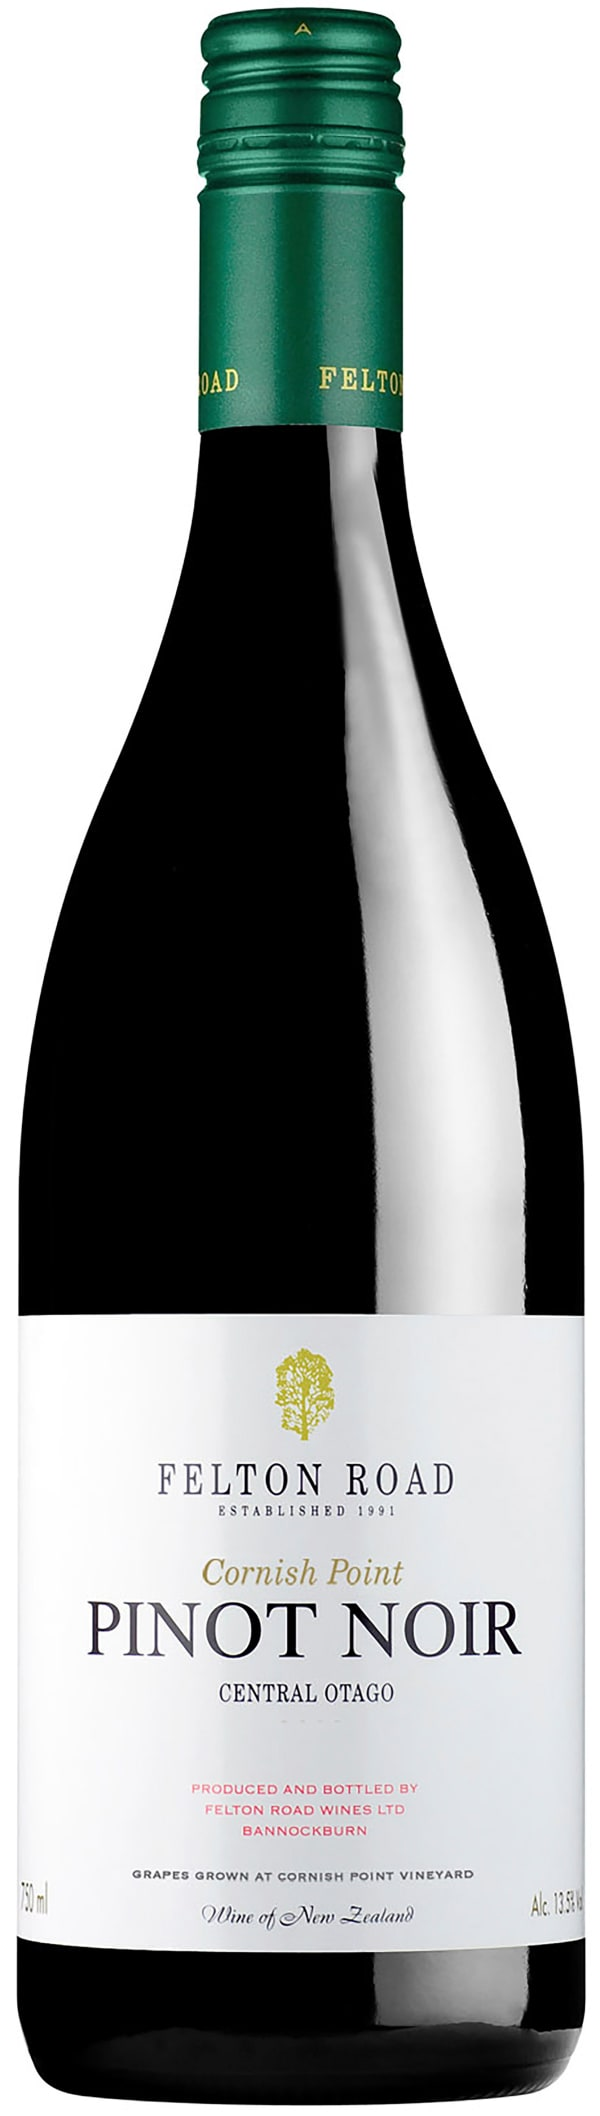 Felton Road Cornish Point Pinot Noir 2016